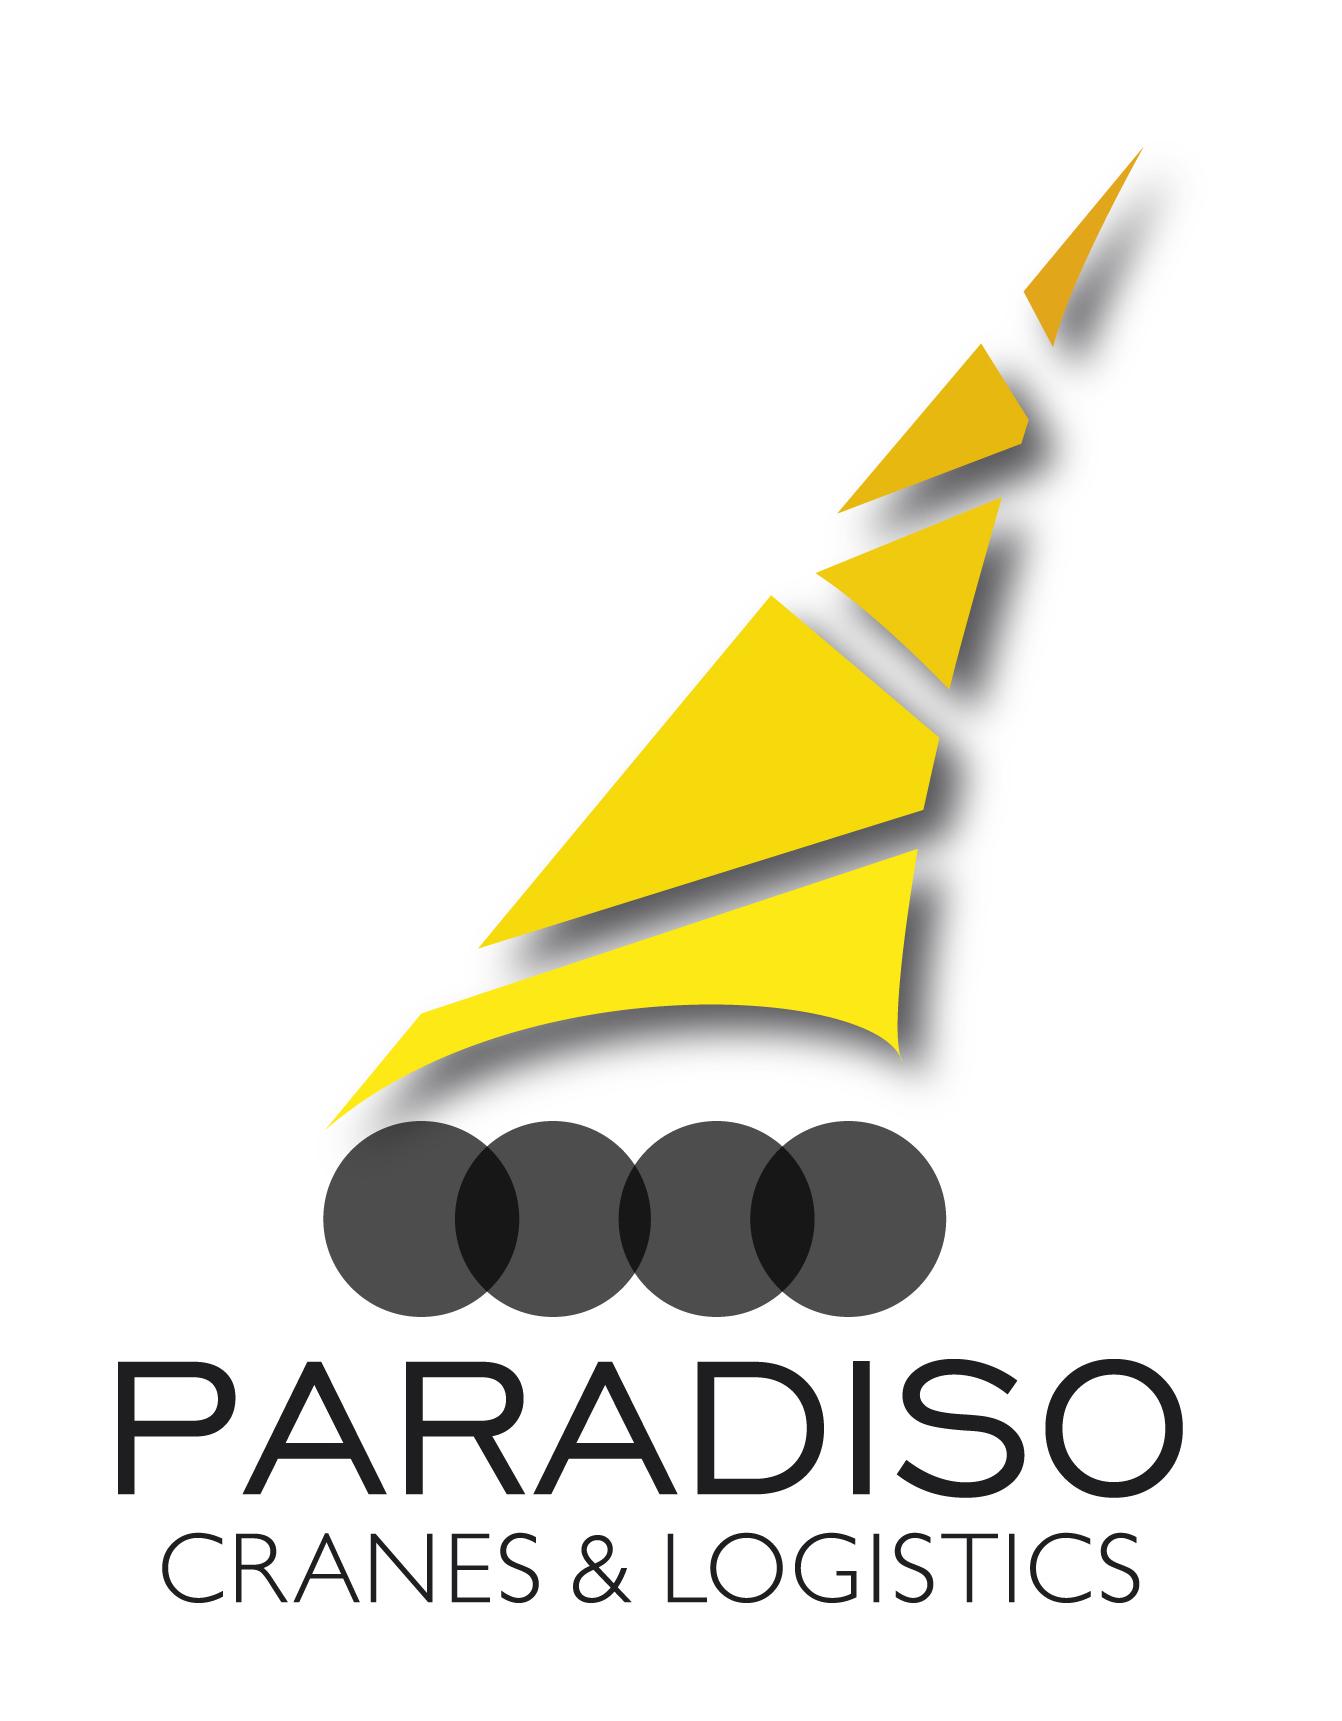 Fratelli Paradiso